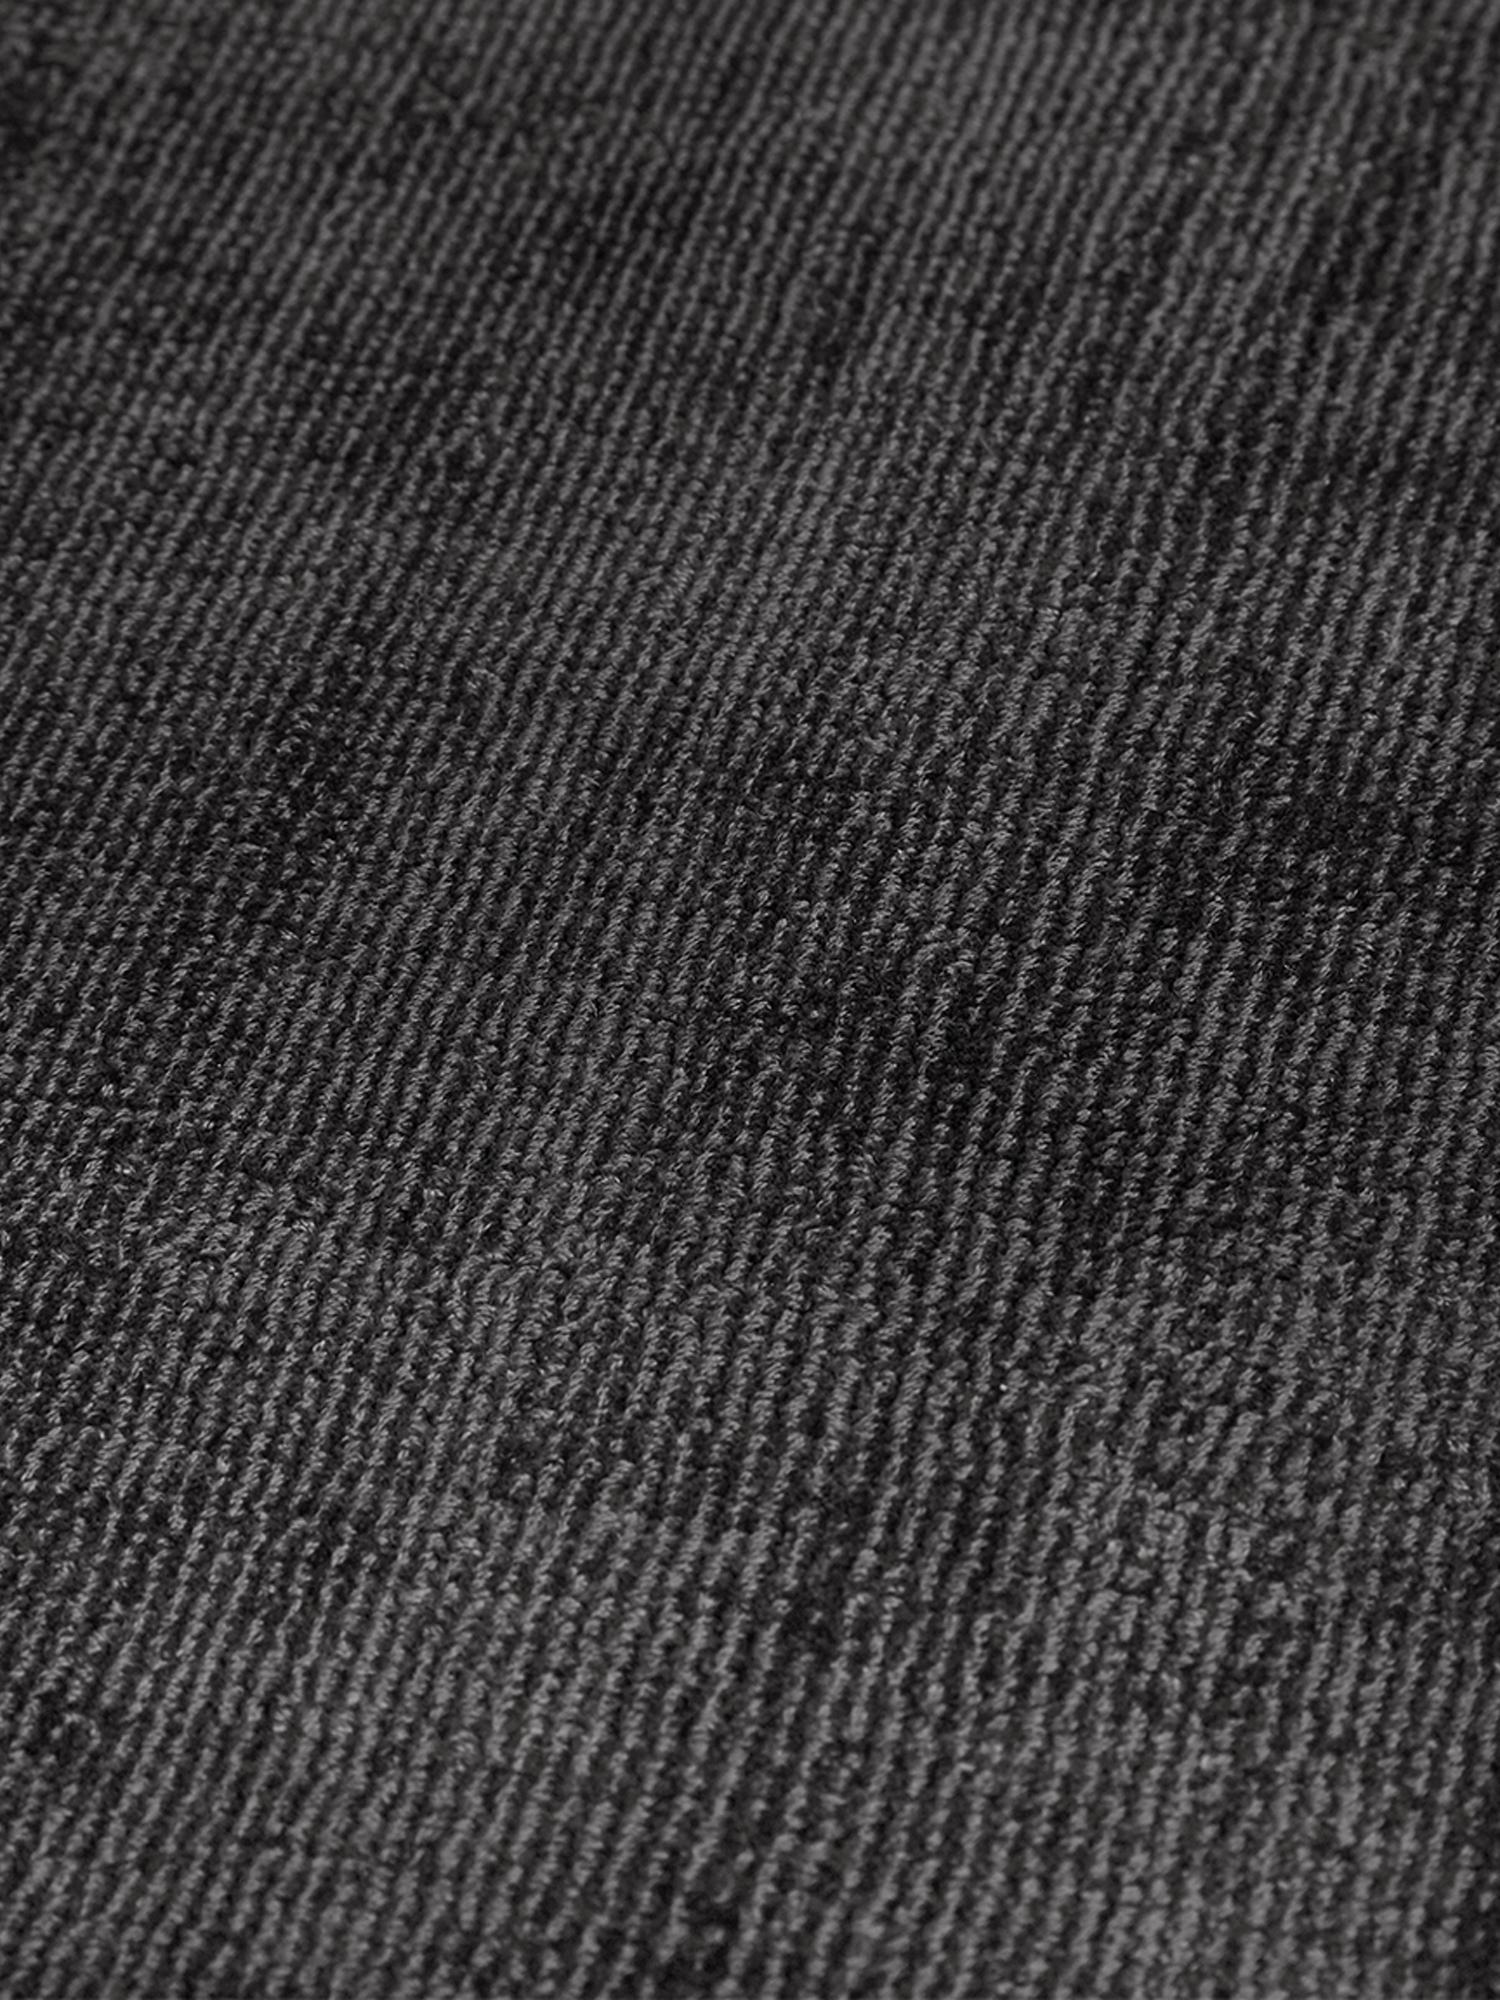 Tapis noir en viscose tissé main Jane, Anthracite-noir